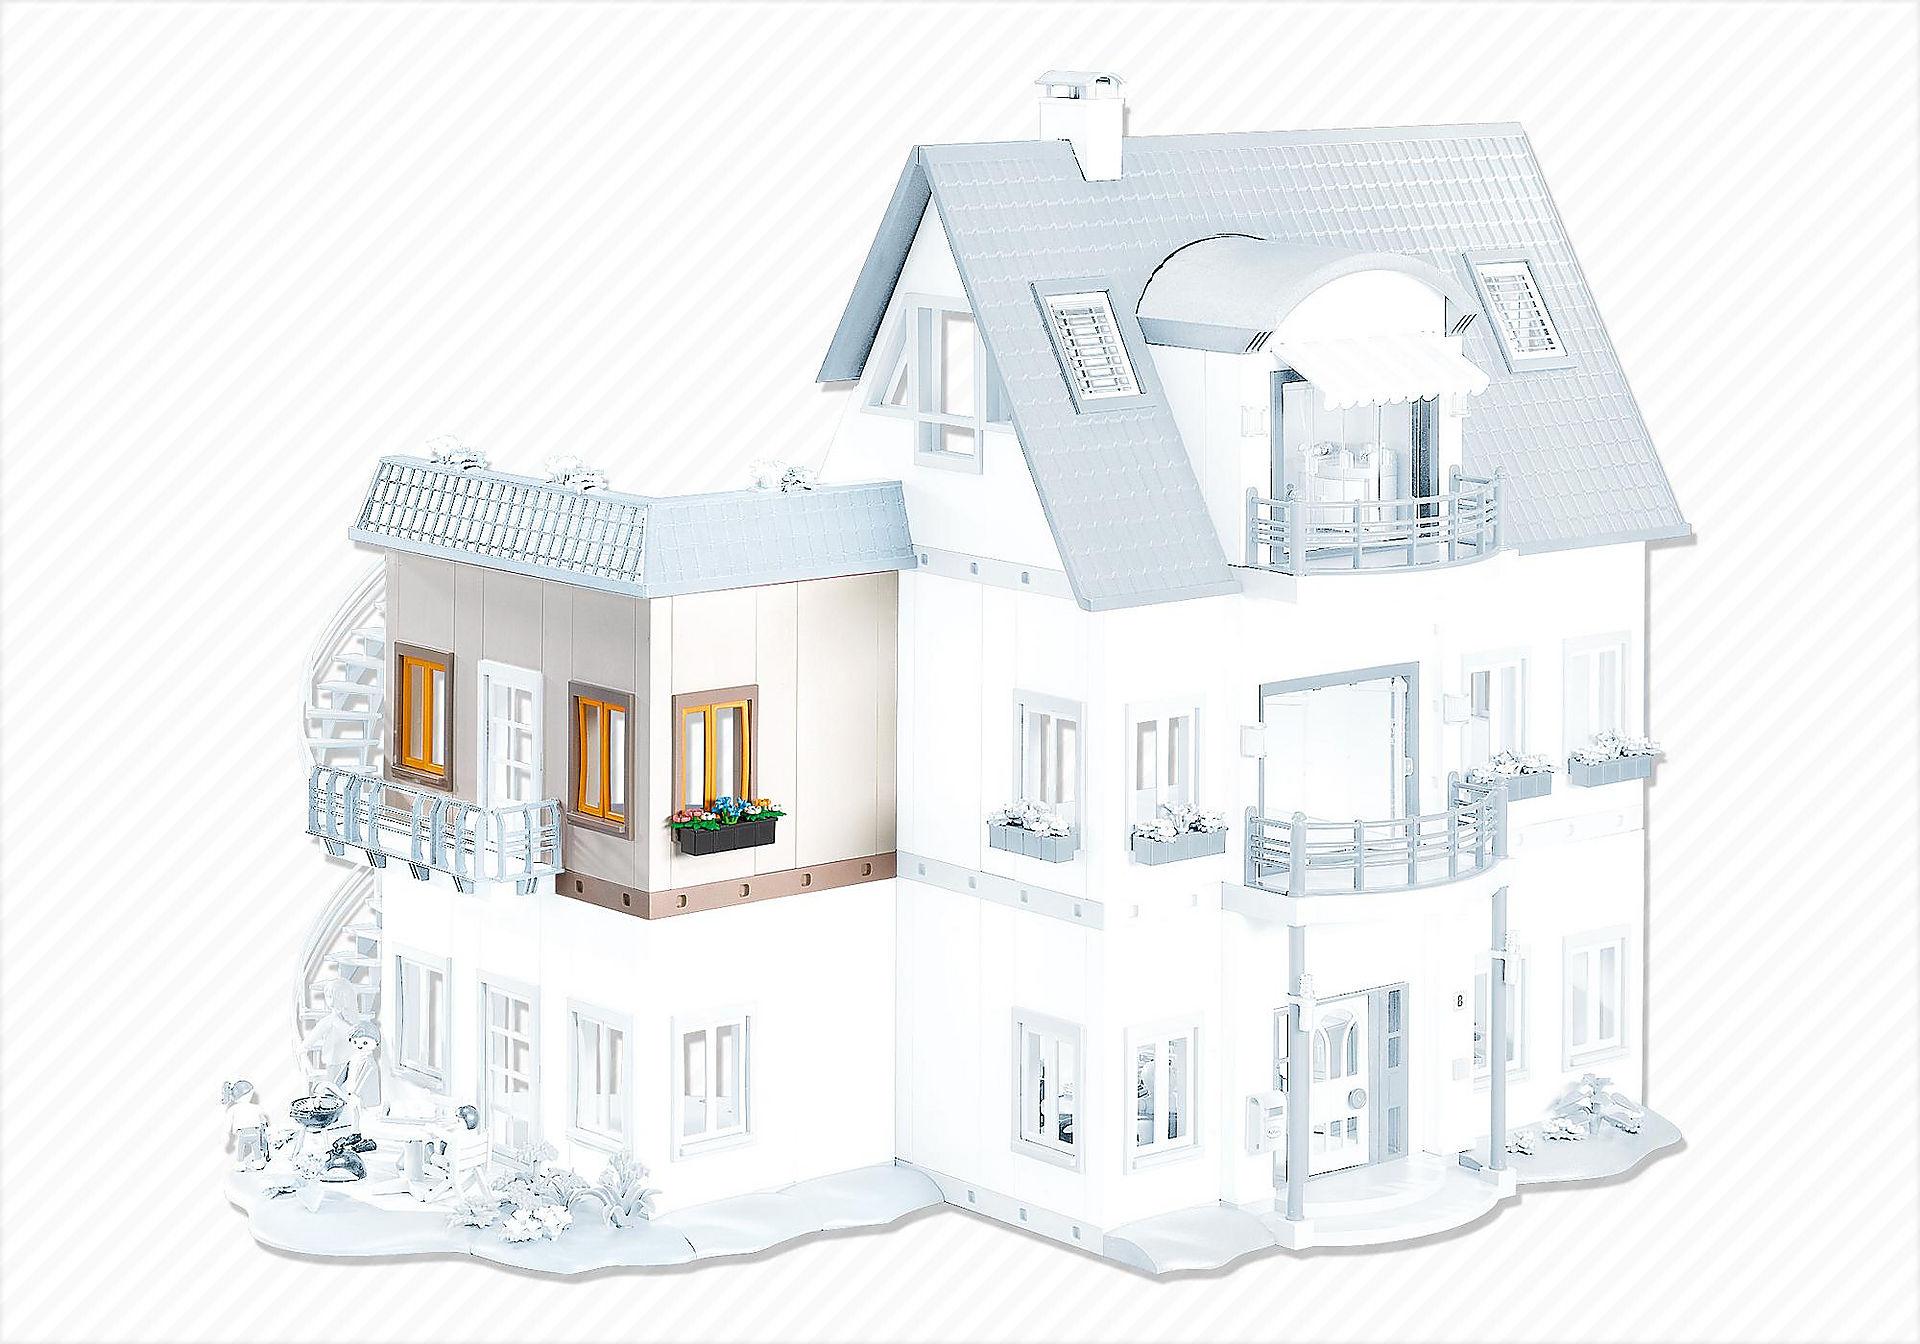 7389 Hjørne gulvforlængelse Moderne luksusgård zoom image1